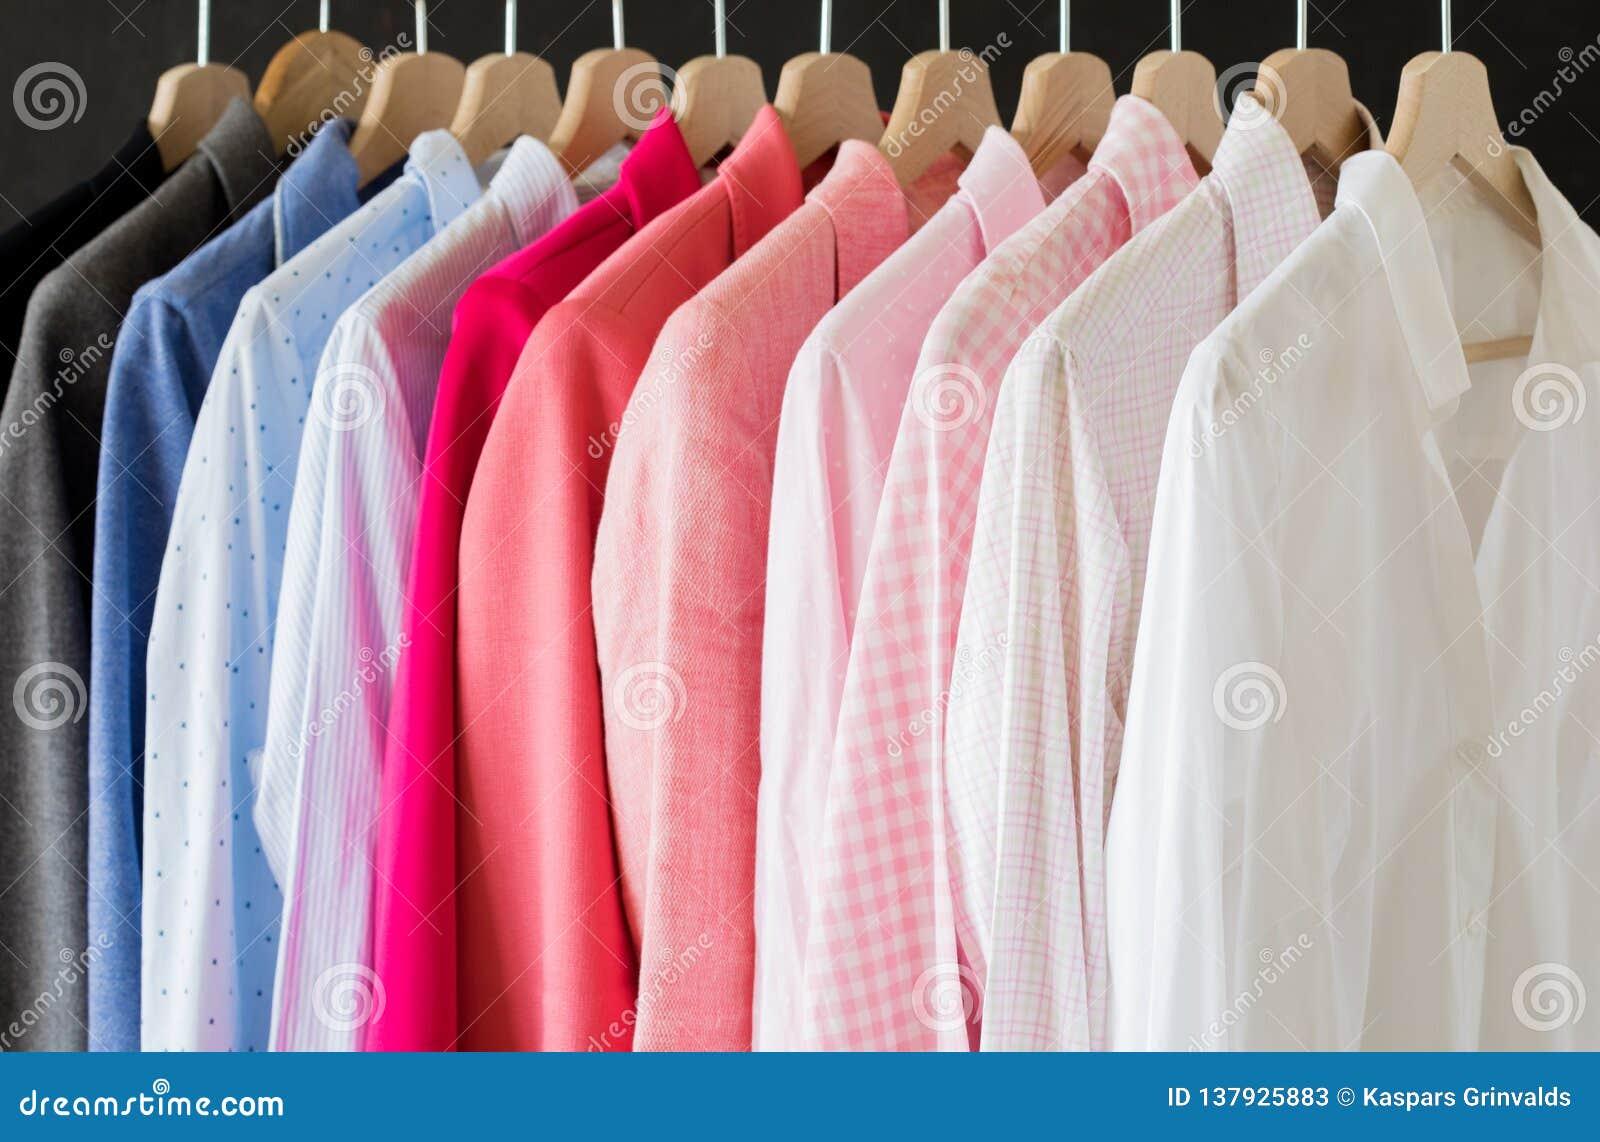 Skjortor som hänger i rad